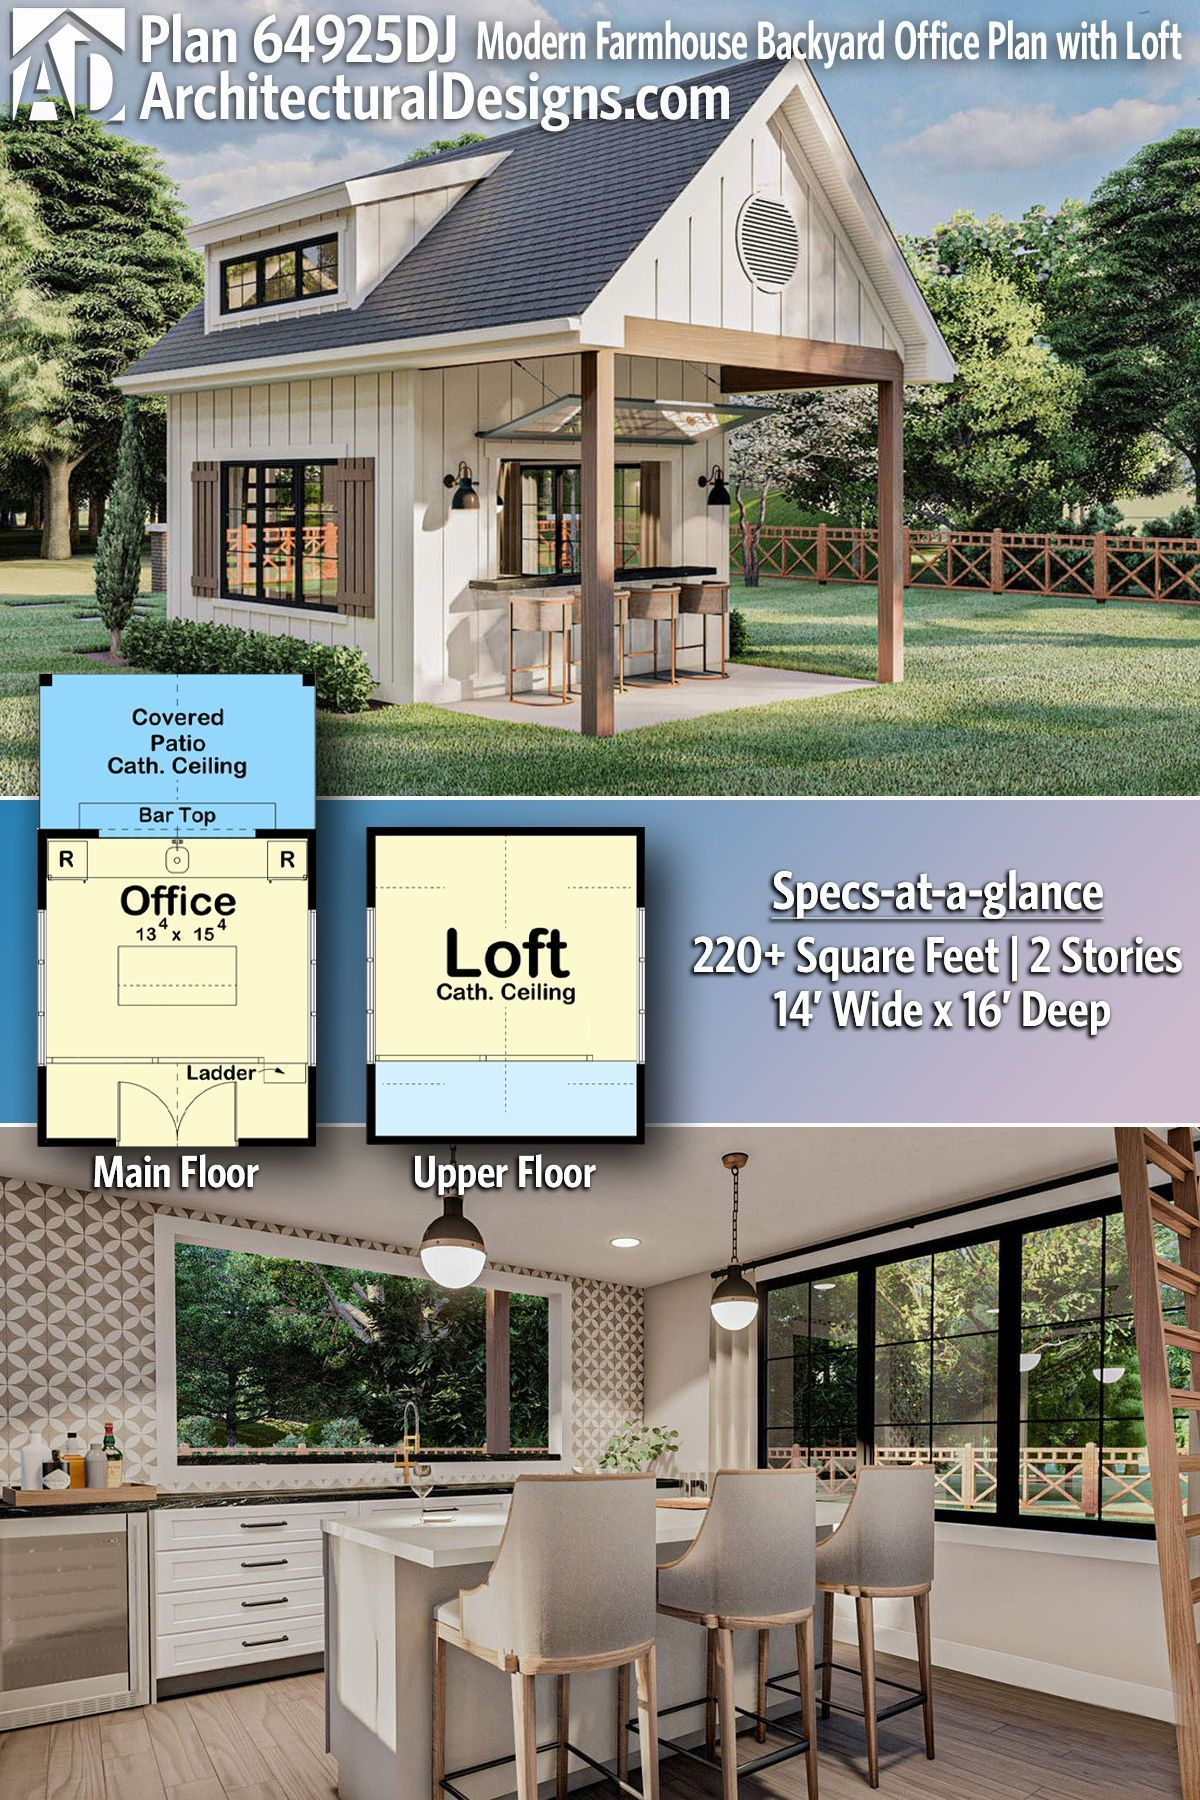 Plan 62925dj Modern Farmhouse Backyard Office Plan With Loft In 2021 Backyard Office Backyard Exclusive House Plan Modern farmhouse backyard office plan with loft